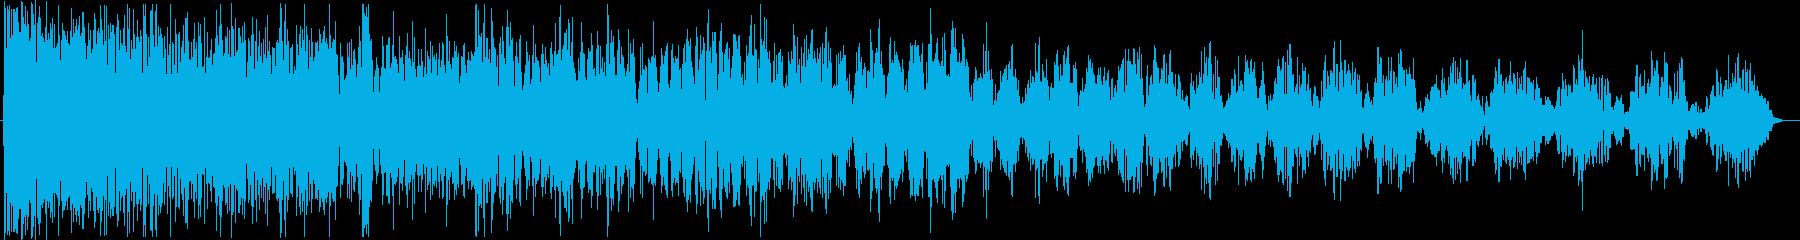 【宇宙船/動力低下/ぎゅるぎゅる】の再生済みの波形